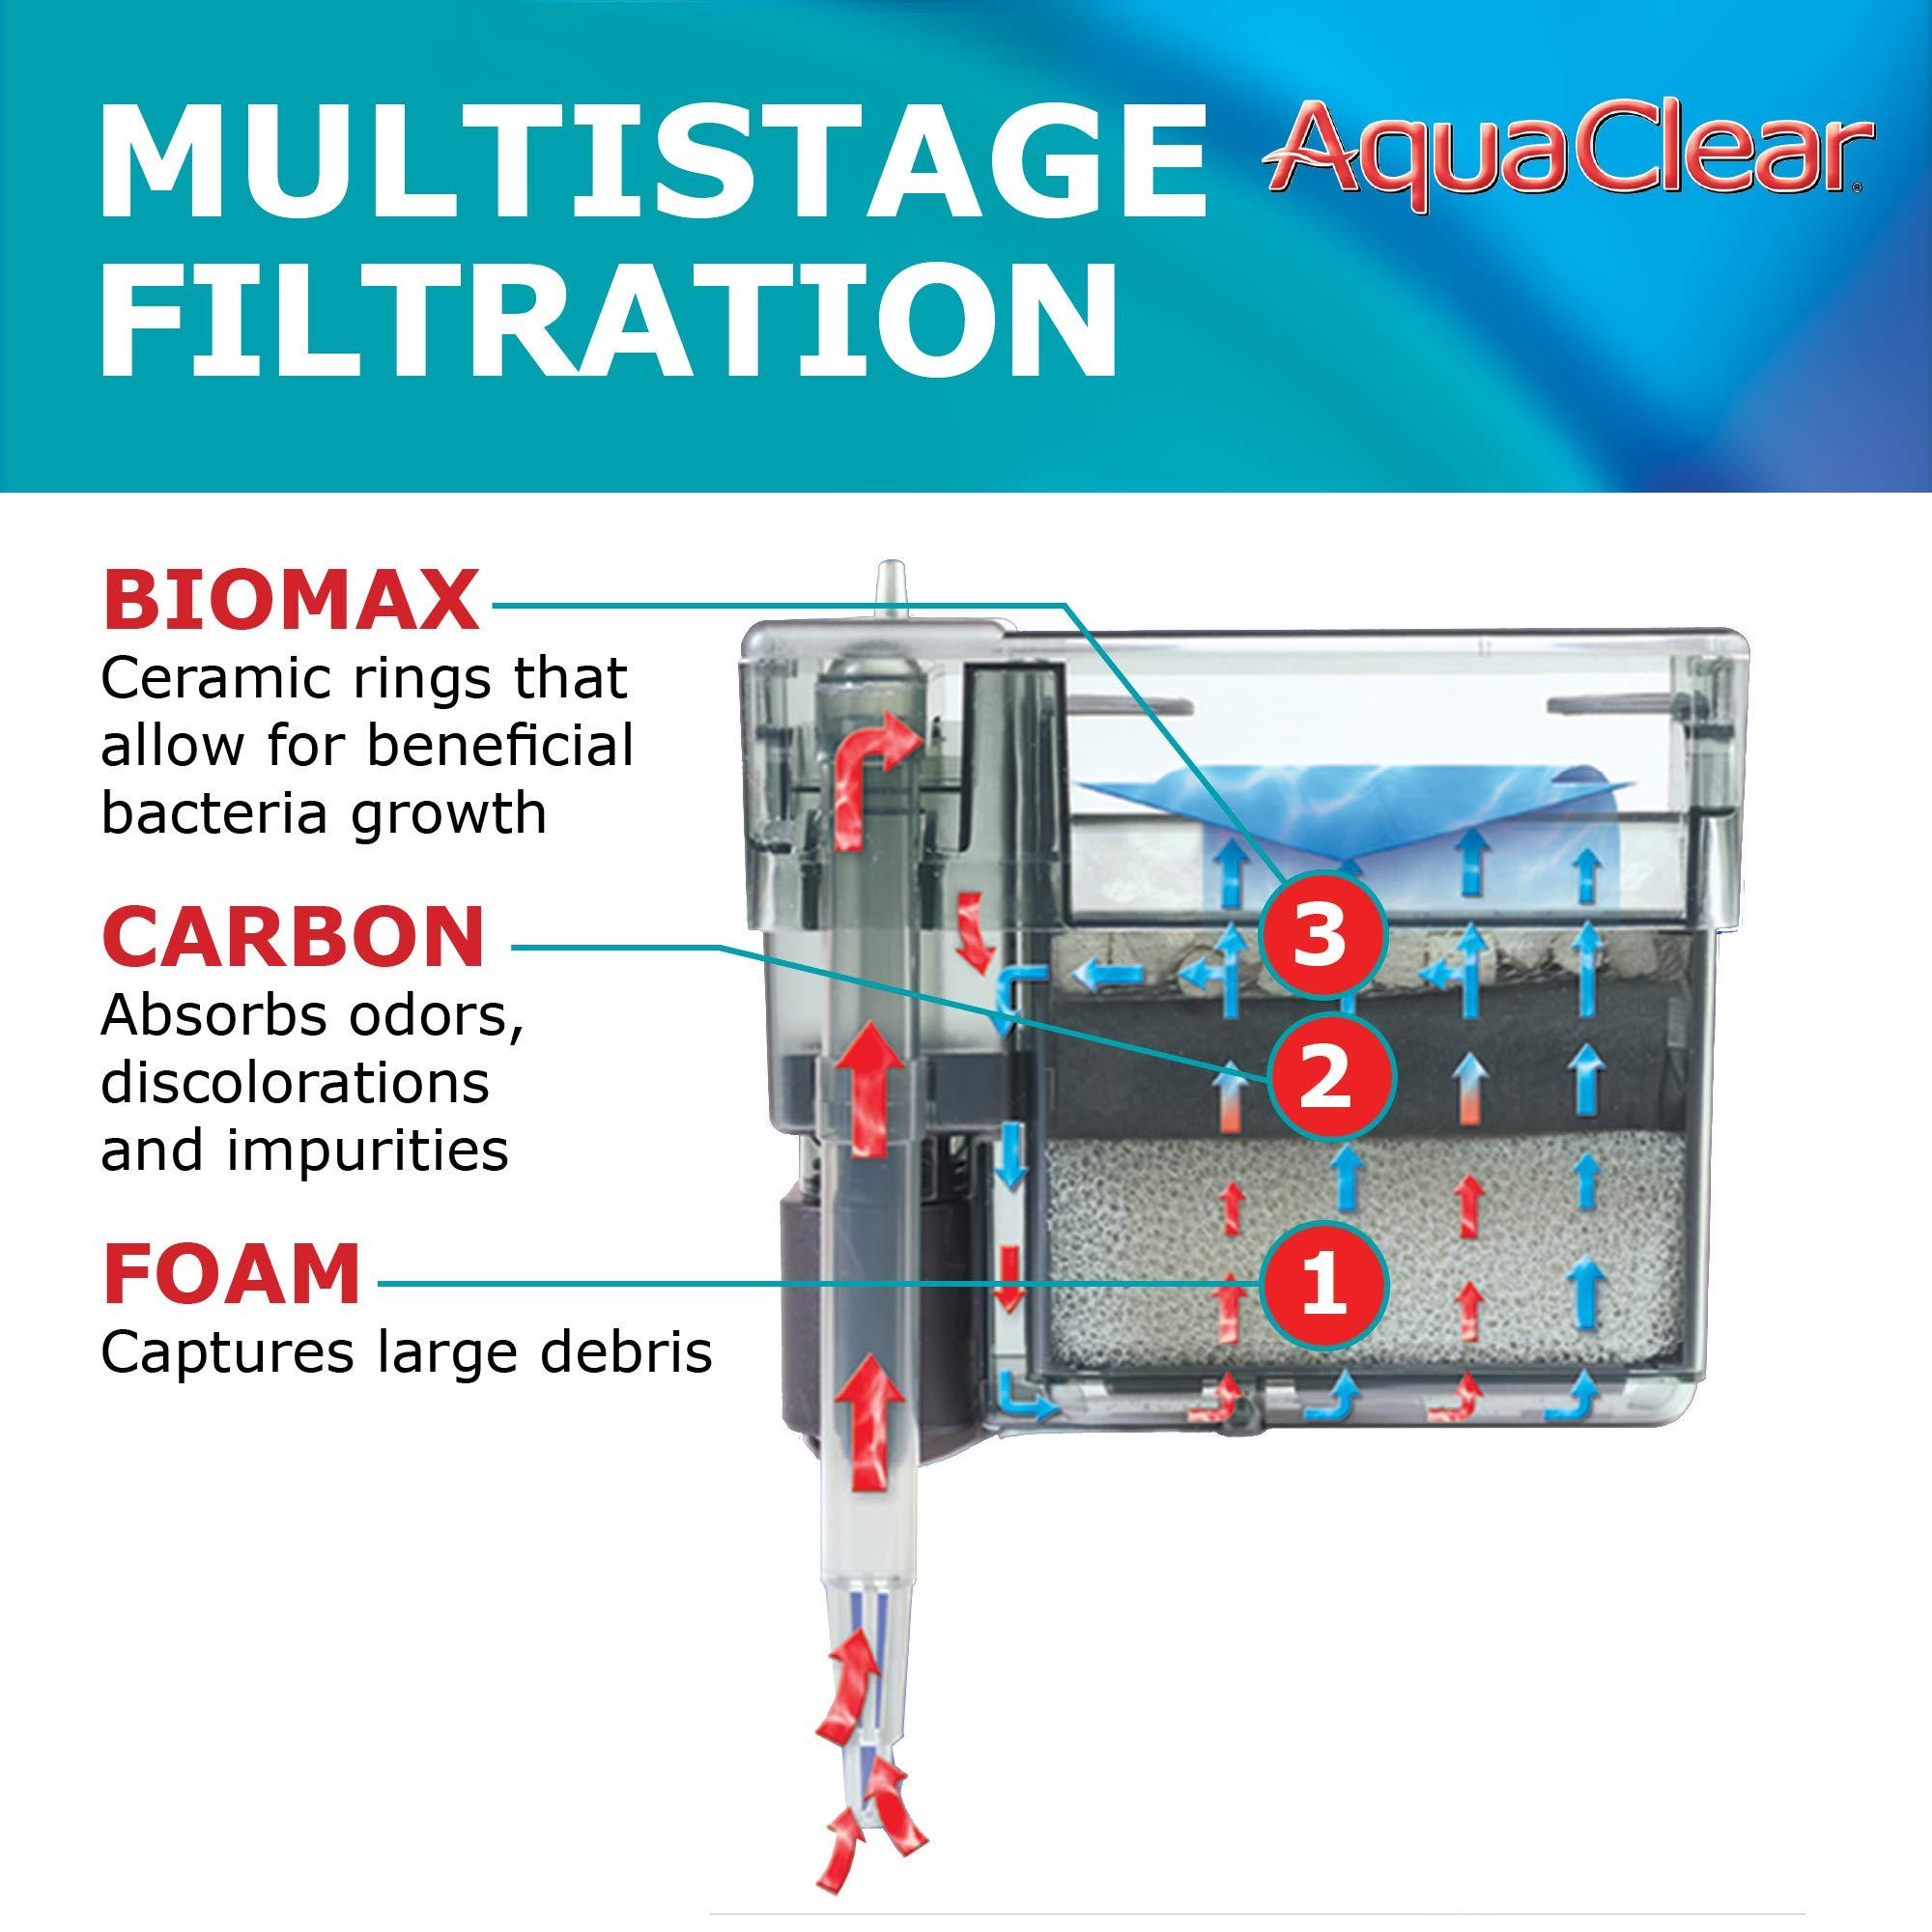 Aquaclear Fish Tank Filter Aquarium Filter For 10 To 30 Gallon Aquariums 110v A600a1 Amazon Sg Pet Supplies